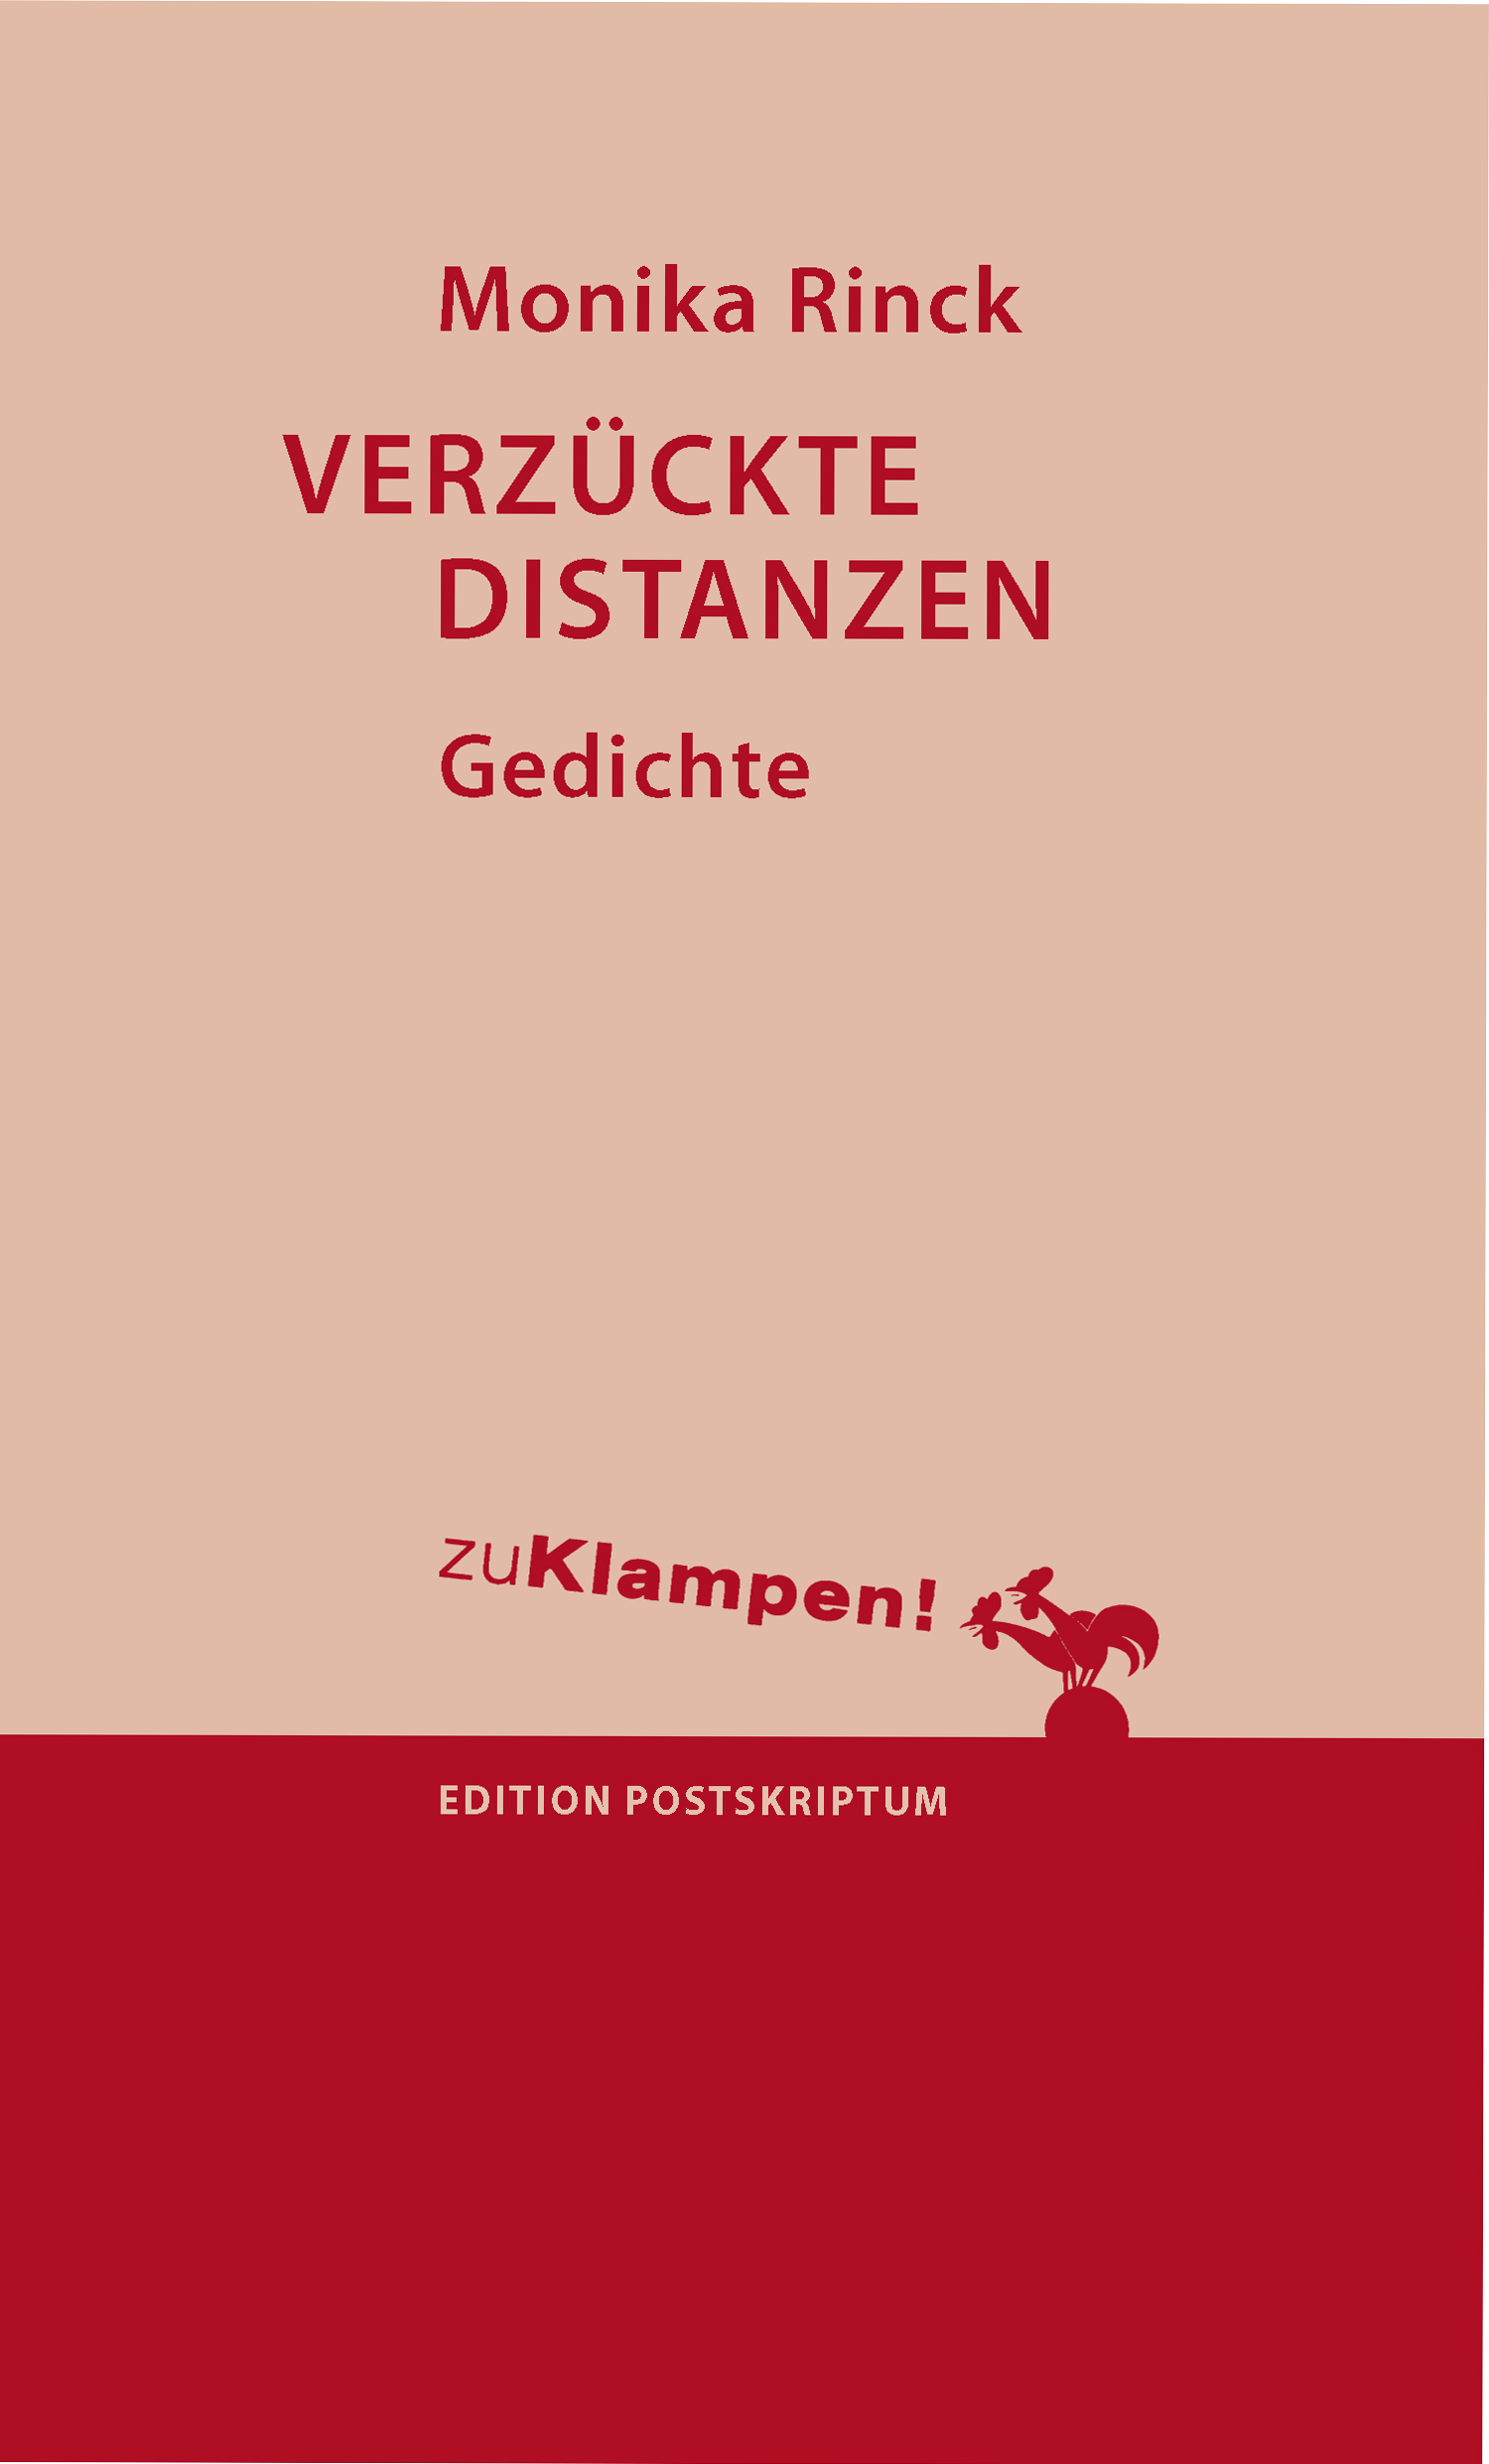 Monika Rinck Verzückte Distanzen Auf Dem Internationalen Markt Hohes Ansehen GenießEn Bücher Belletristik